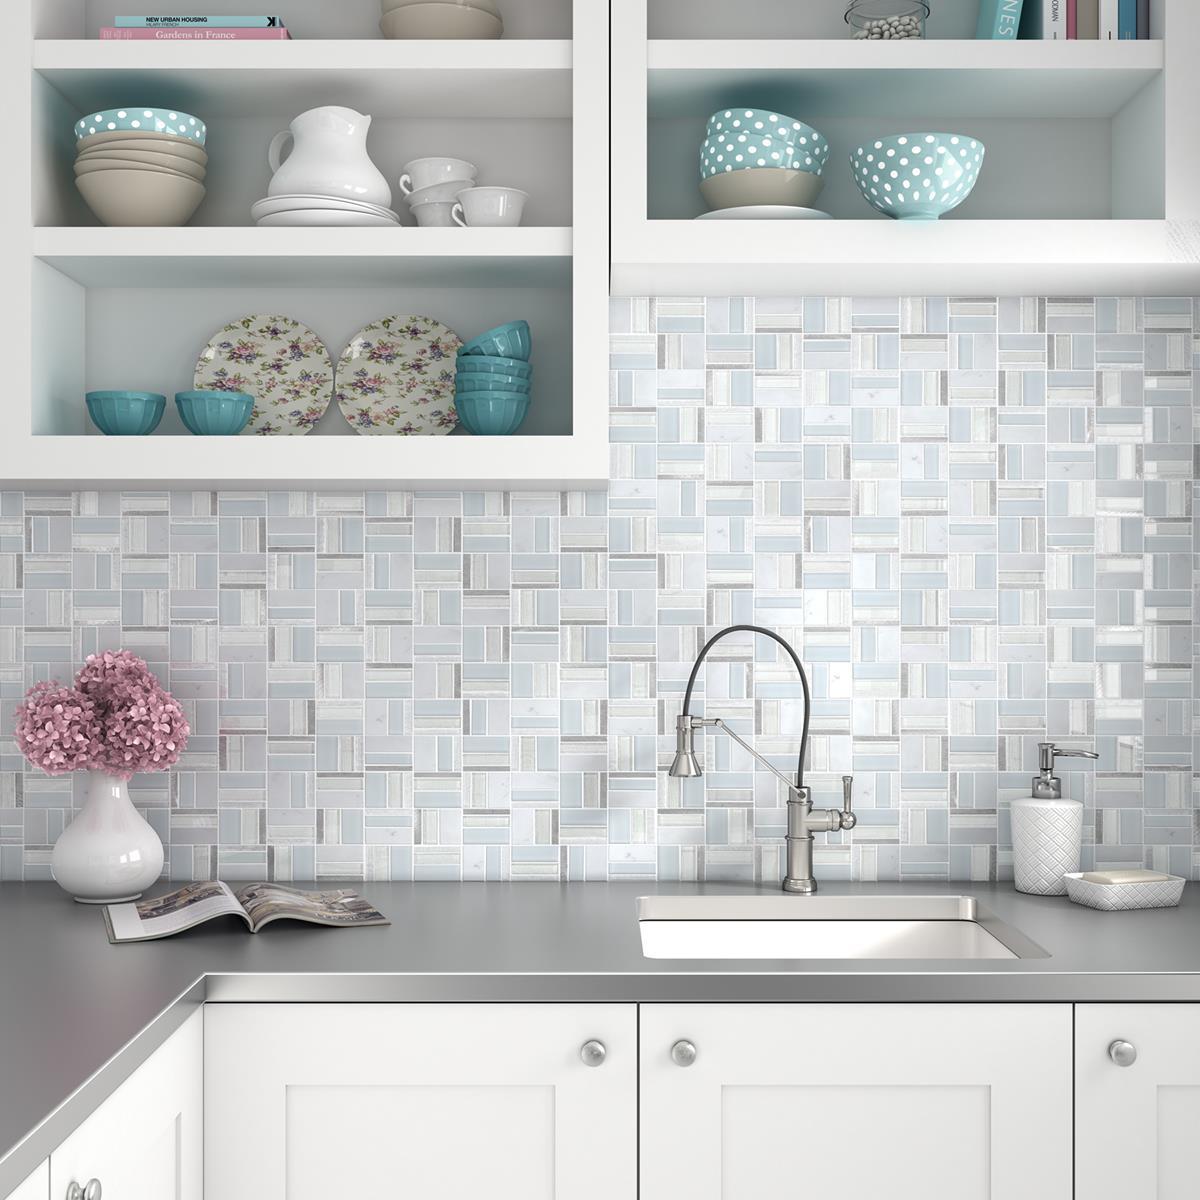 render-3d-de-mosaico-de-ceramica-blanco-para-cocina